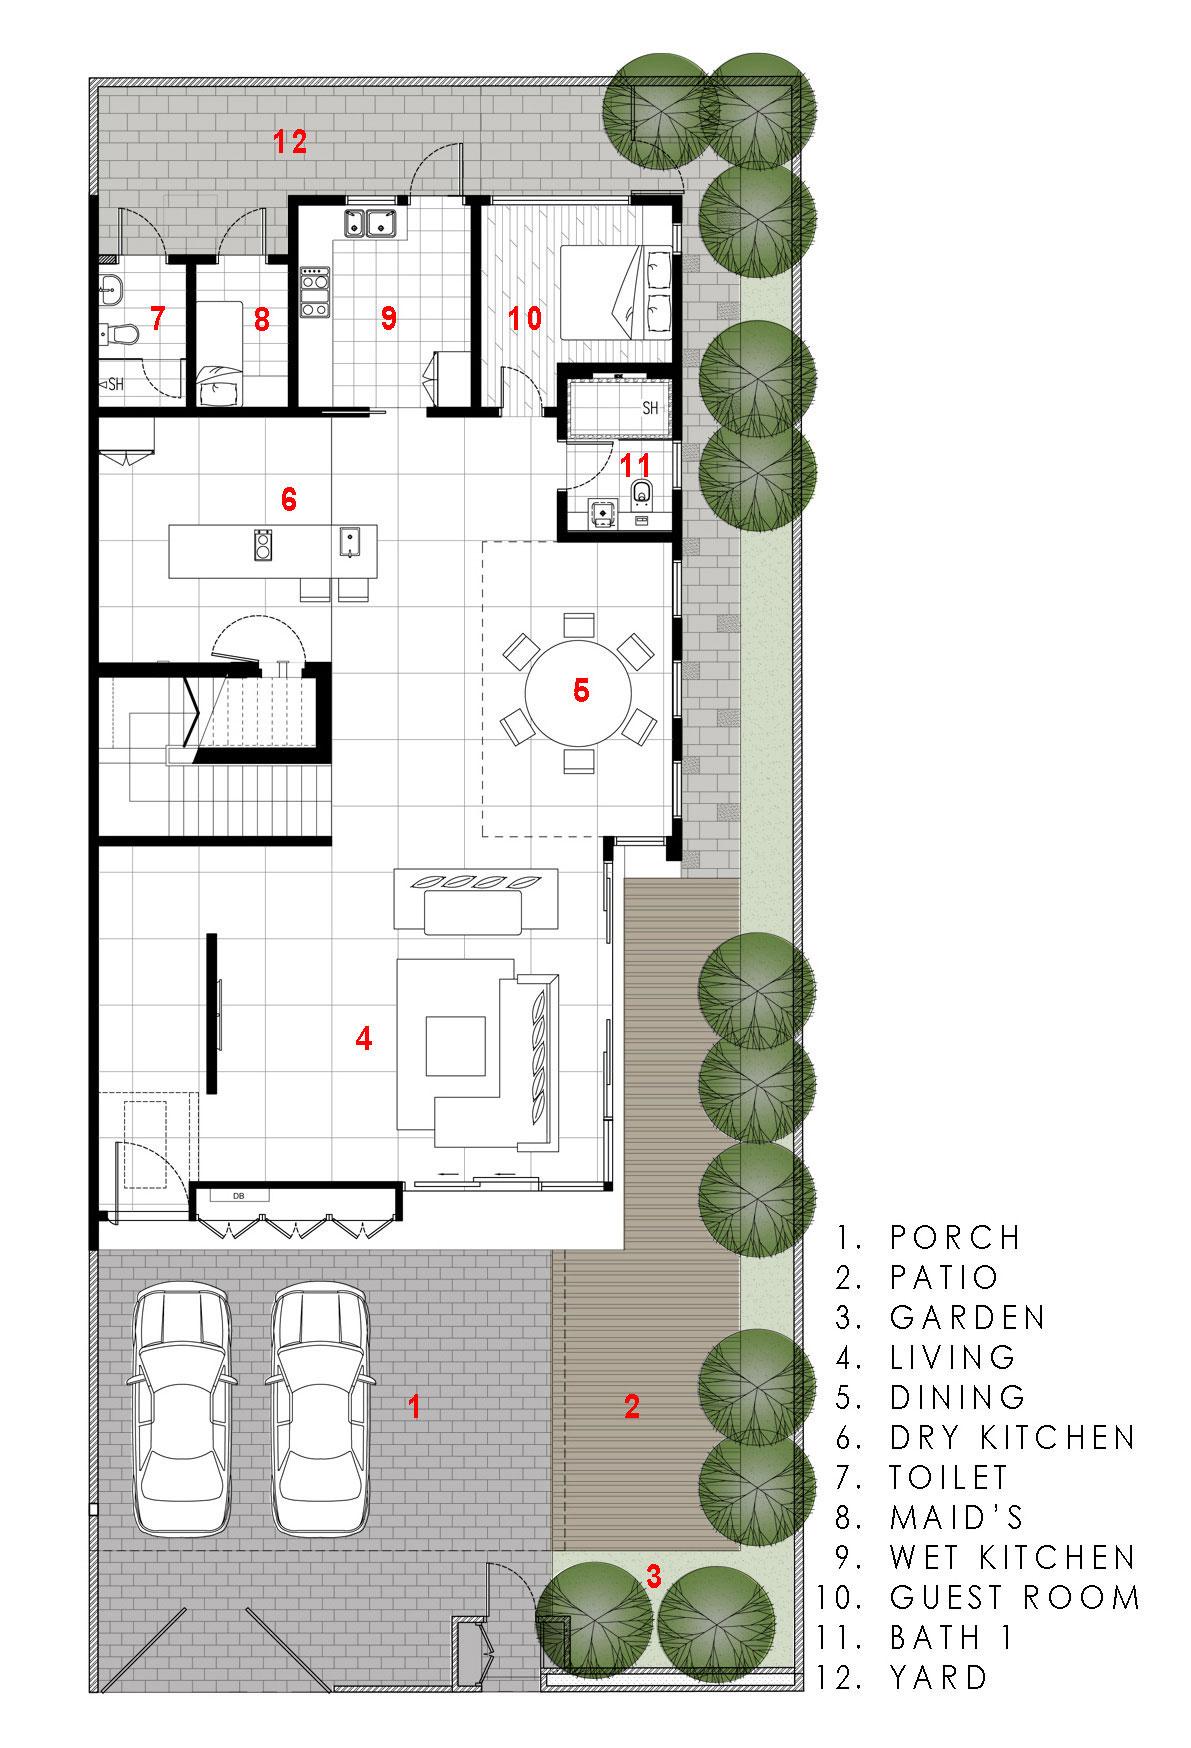 Dise o casa moderna tres pisos for Planos de casas con patio interior